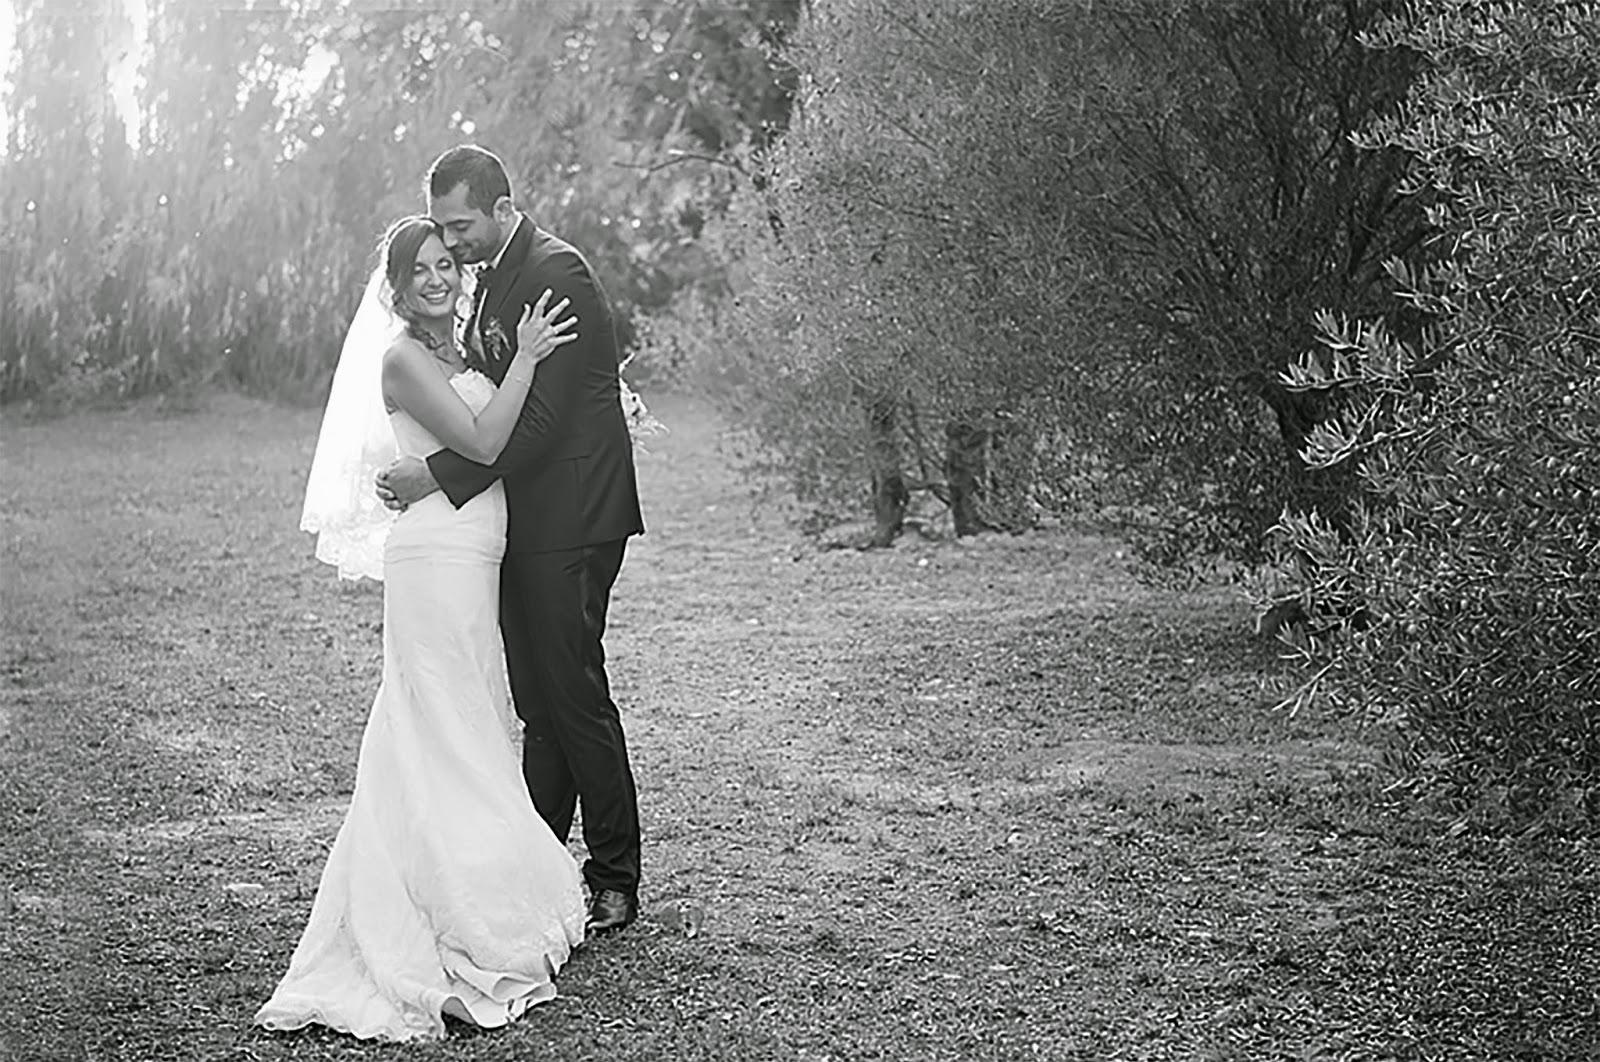 Les Moineaux De La Mariée les moineaux de la mariée: avril 2015